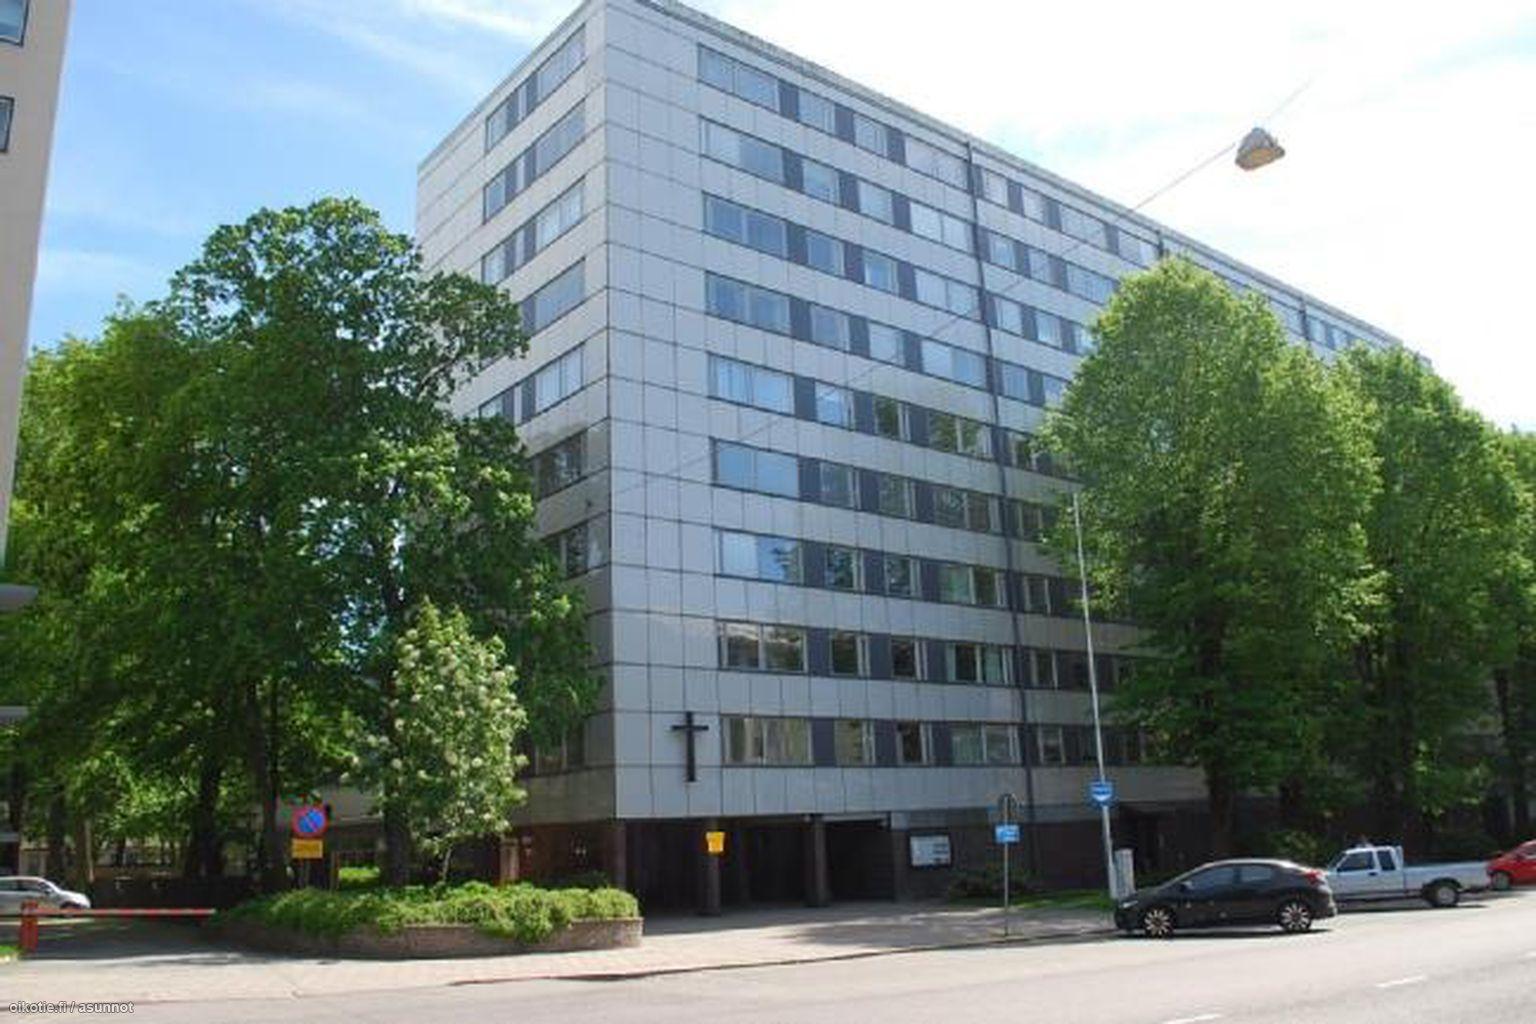 55,5 m² Puutarhakatu 8 a, 20100 Turku Kerrostalo Kaksio myynnissä - Oikotie 14598882